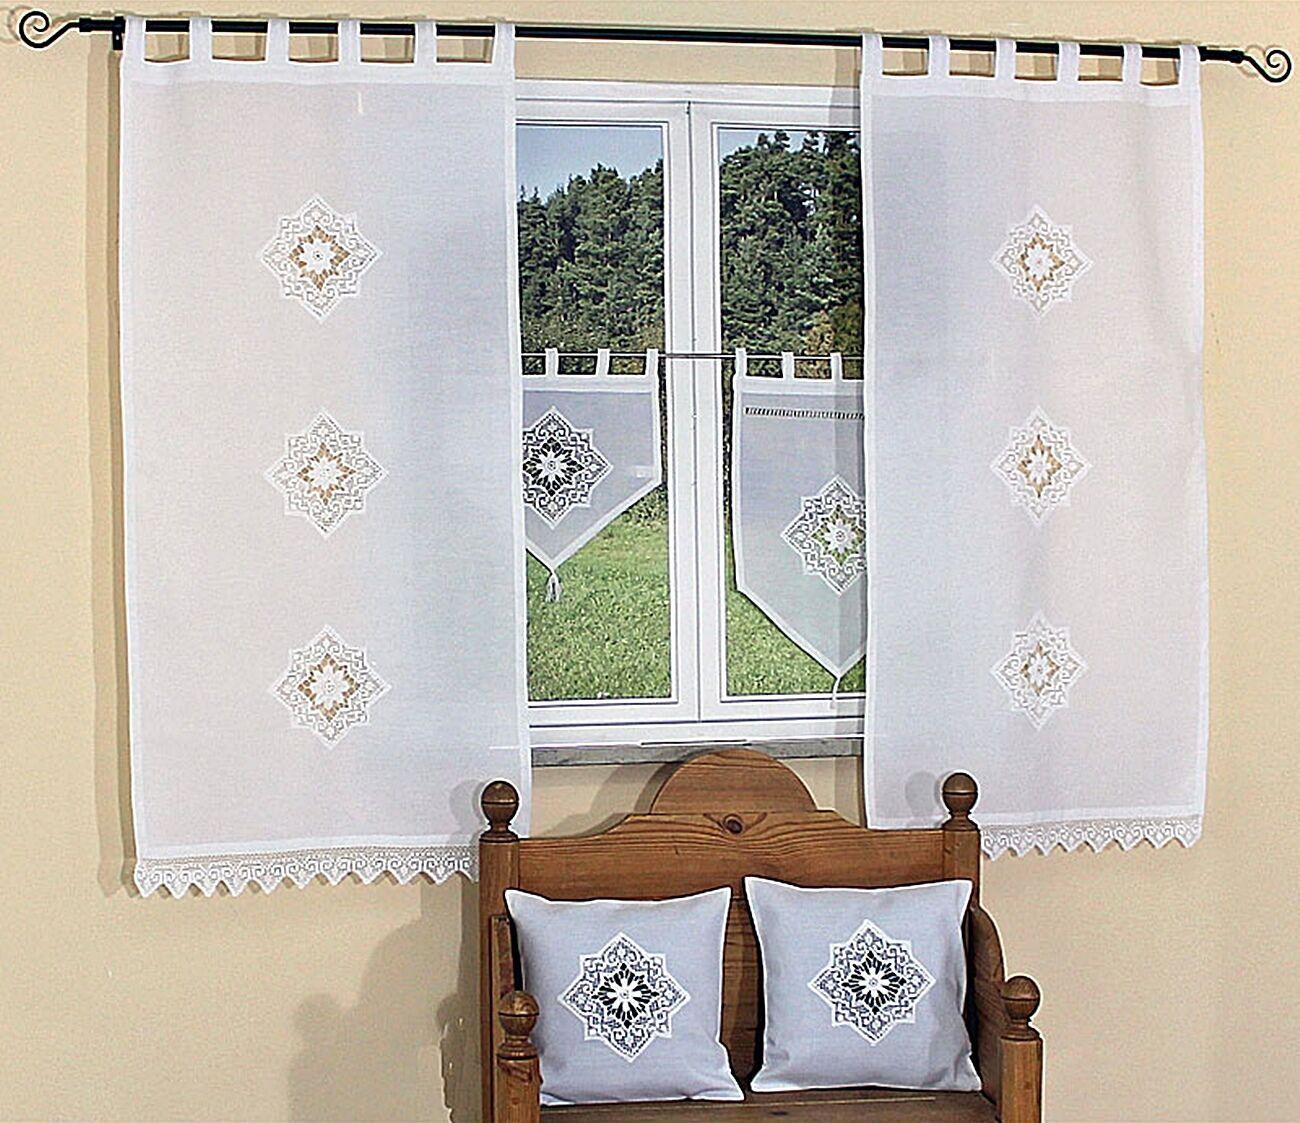 Tenda panneaux vetri Tenda Cuscino custodia federa Landhaus häkelspitze